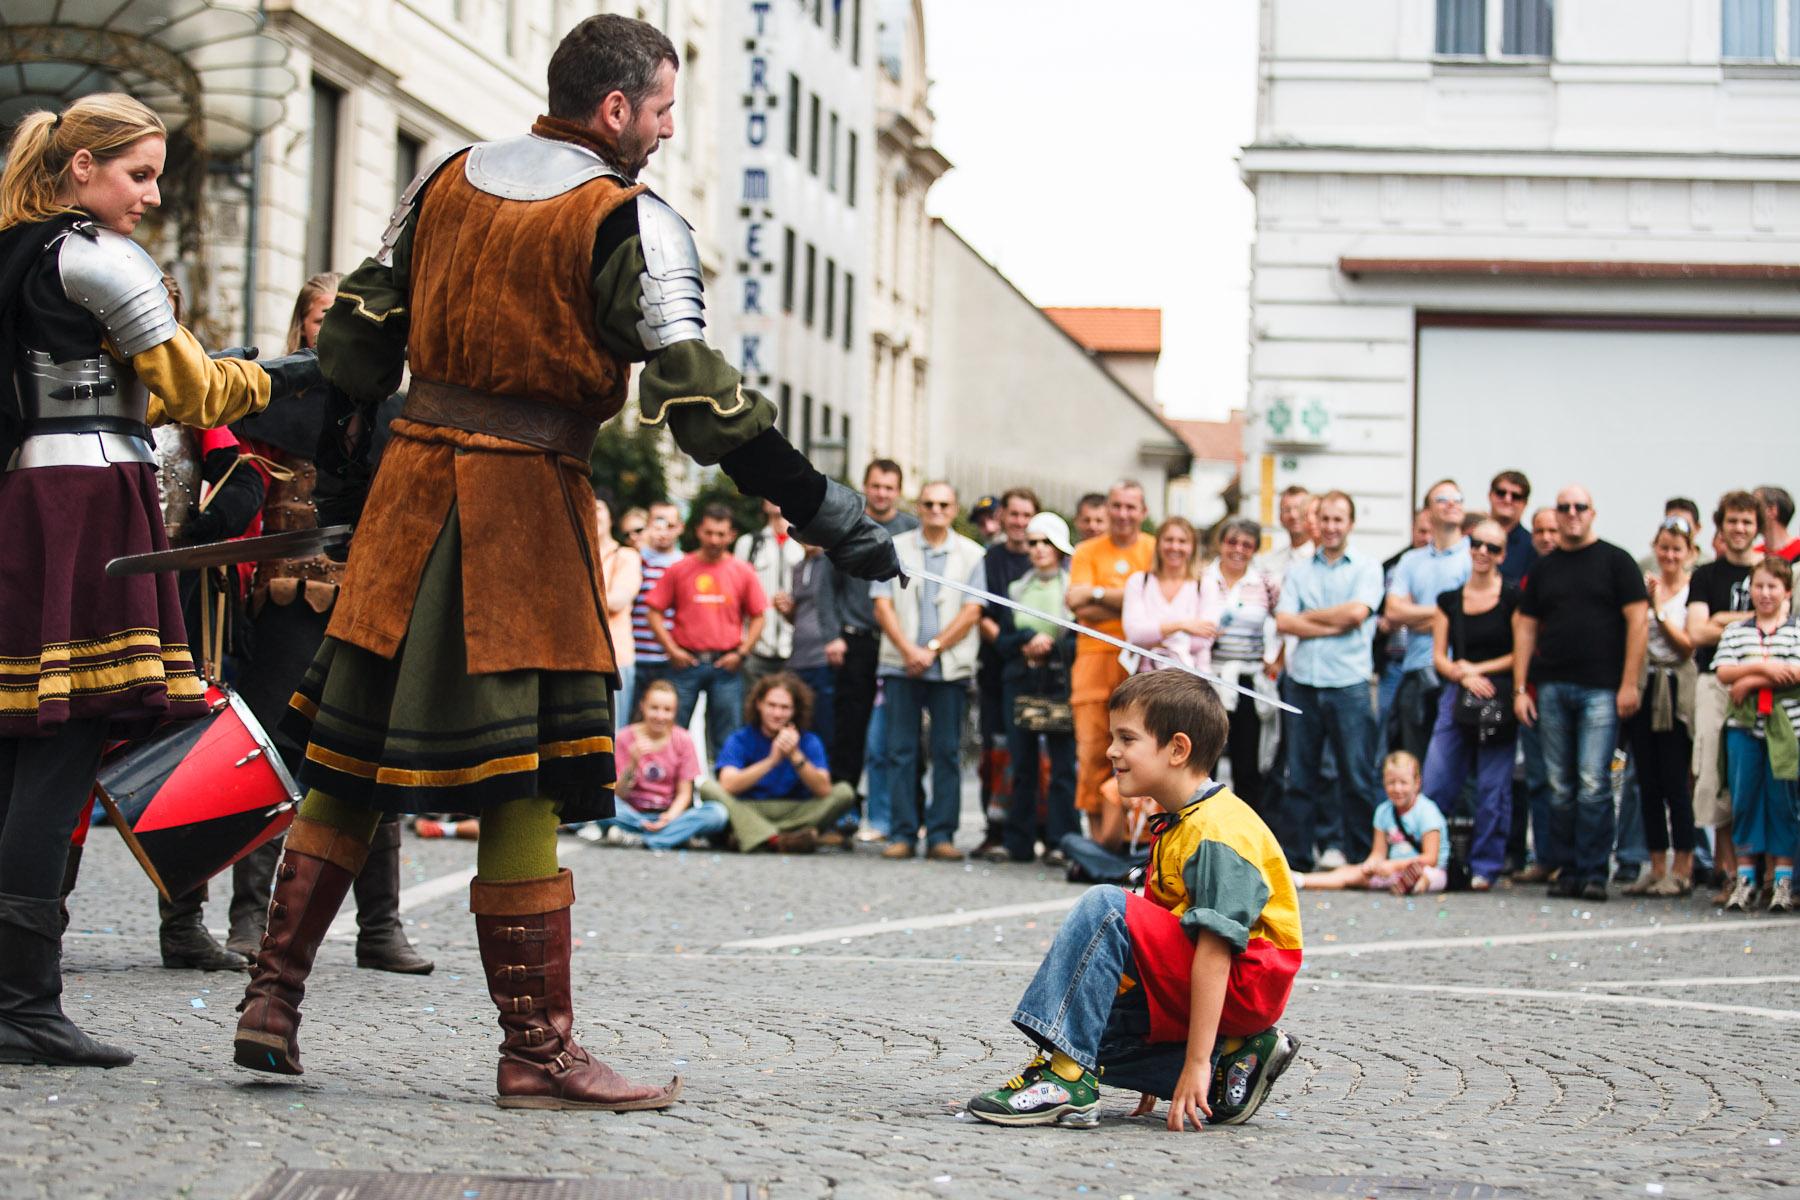 MedievalDayLjubljana-photoLukaDakskobler-7